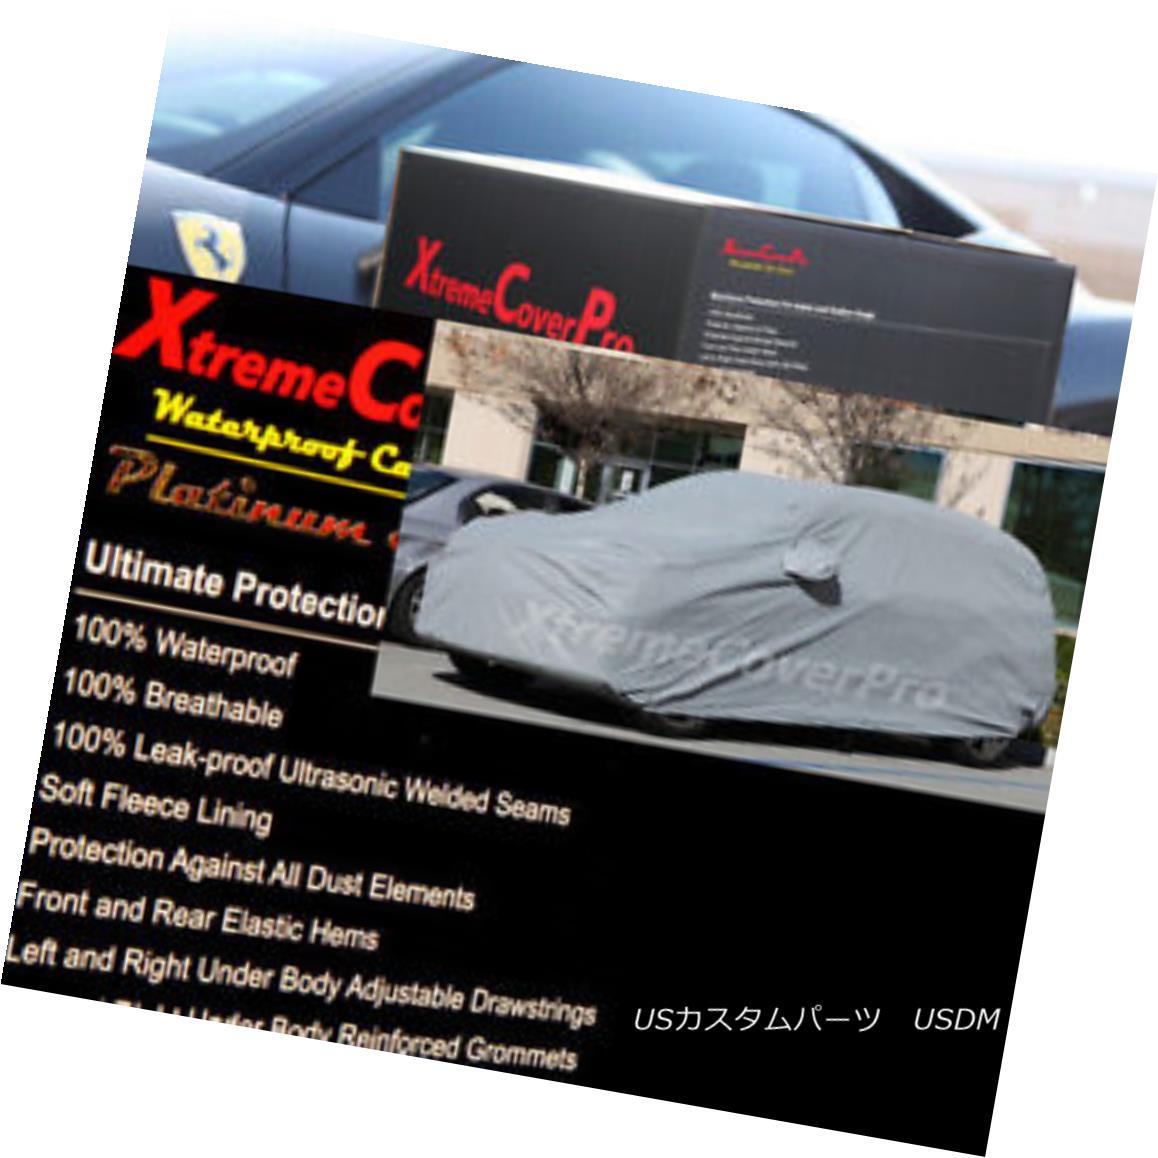 カーカバー 2015 LEXUS LX570 Waterproof Car Cover w/Mirror Pockets - Gray 2015 LEXUS LX570防水カーカバー付き/ミラーポケット - グレー